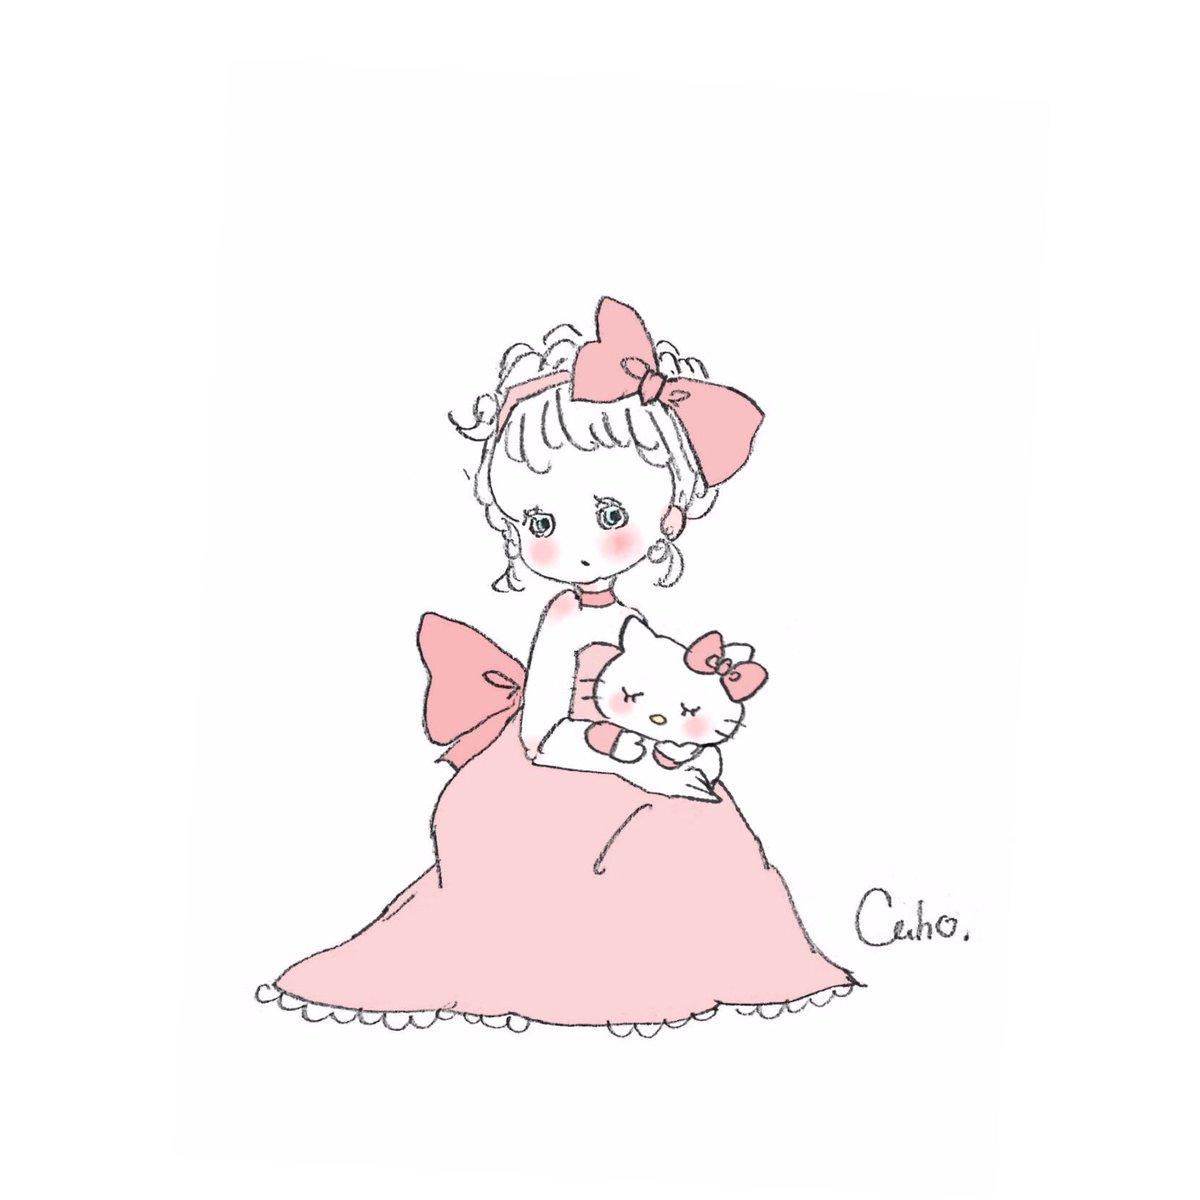 人気のダウンロード キティ ちゃん 可愛い イラスト 最高の壁紙